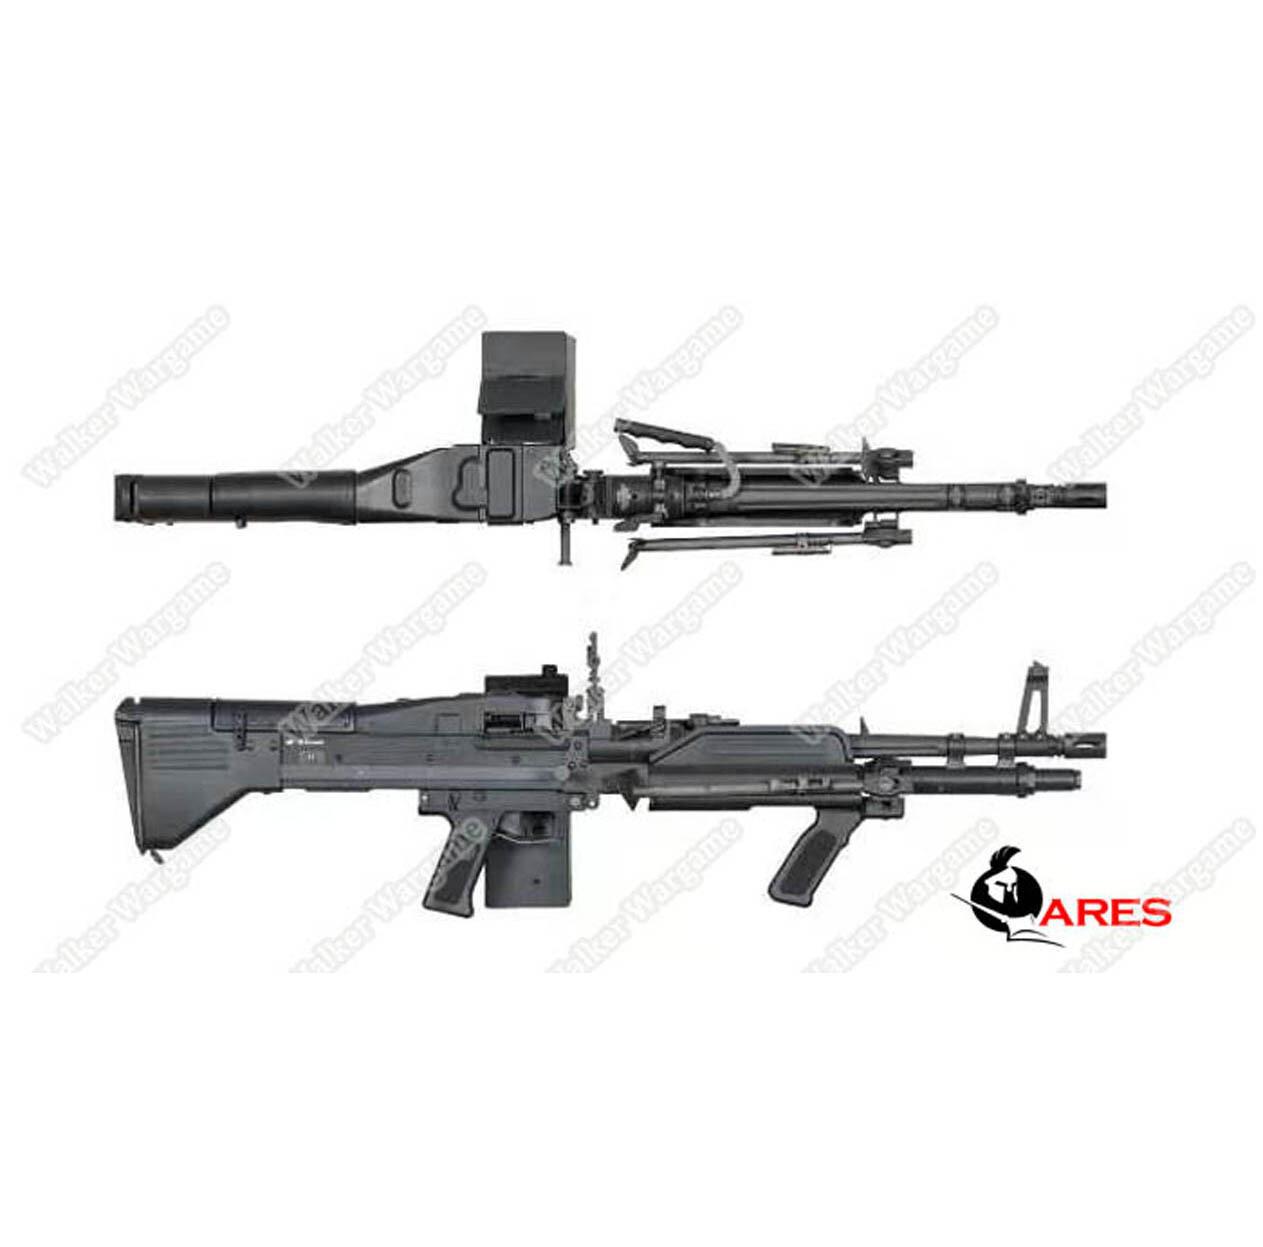 Ares M60 Heavy Machine Gun HMG AEG Airsoft